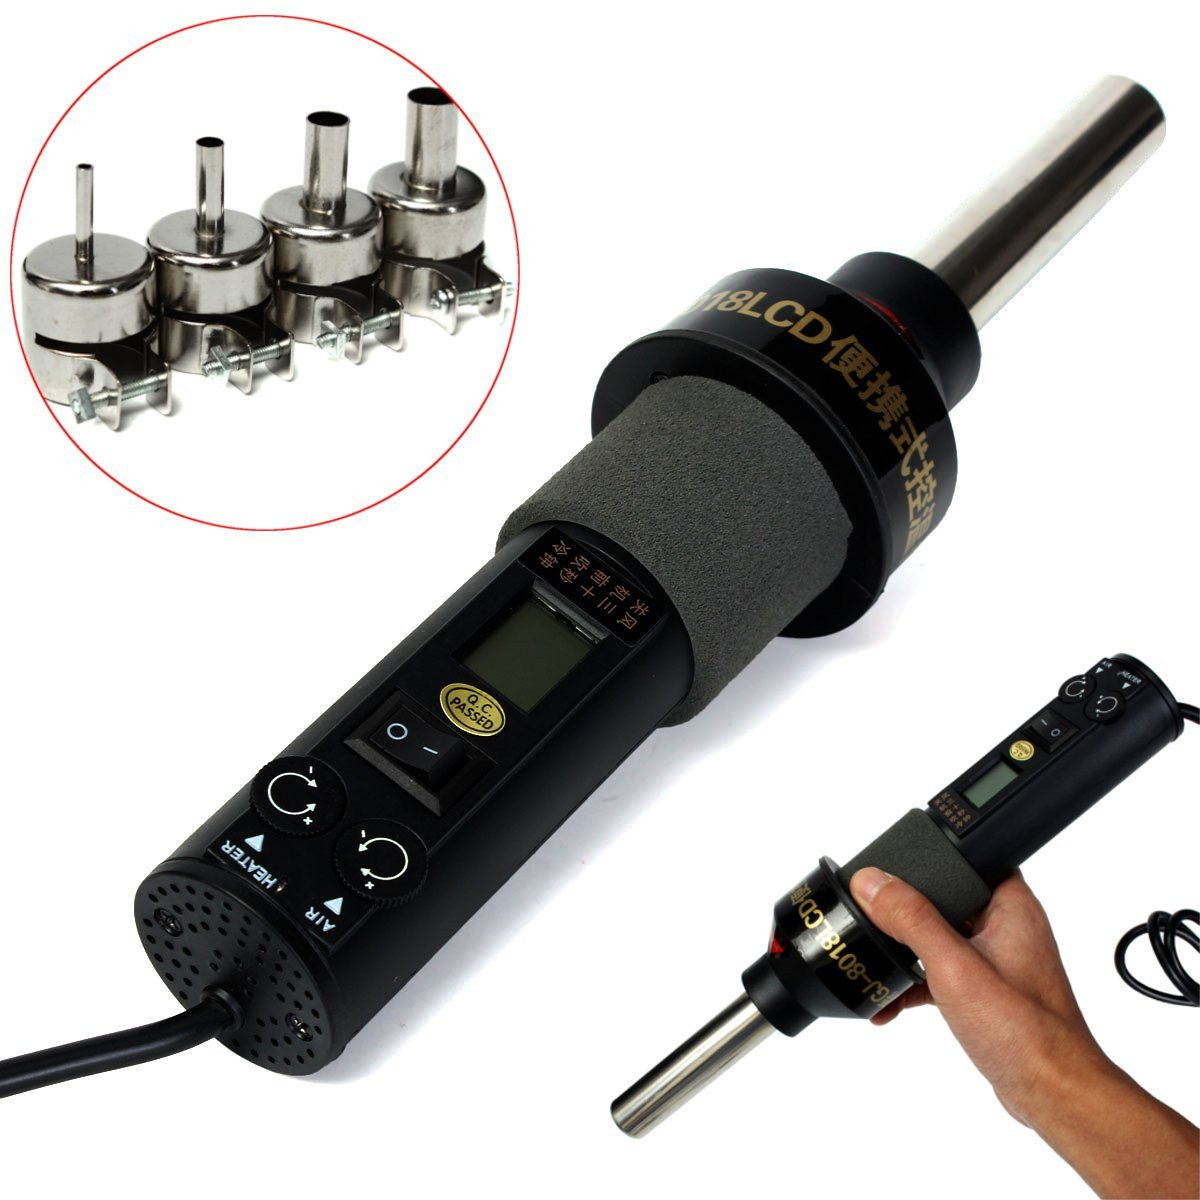 ExcLent Gj-8018 200W 110V Electronic Lcd Pistola De Calor Pistola De Aire Caliente Herramientas De Soldadura Con 4 Boquillas